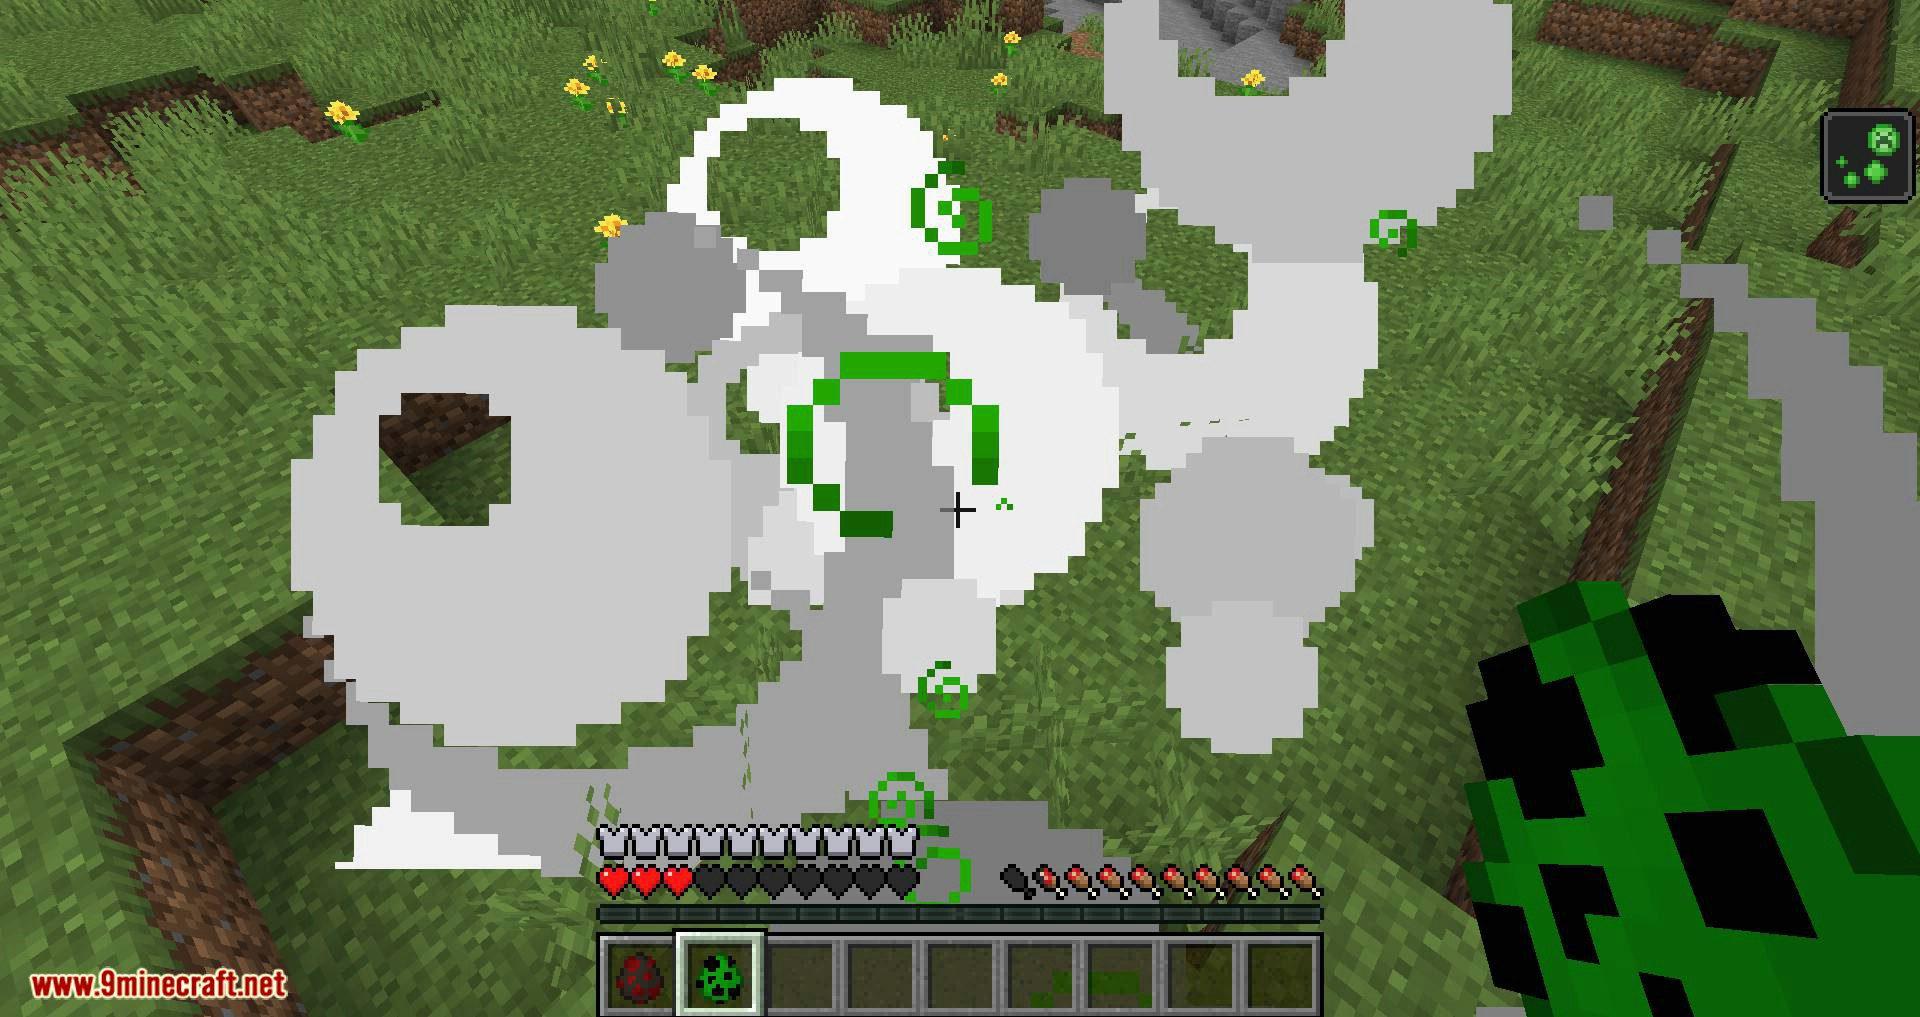 Creeper Spores mod for minecraft 10